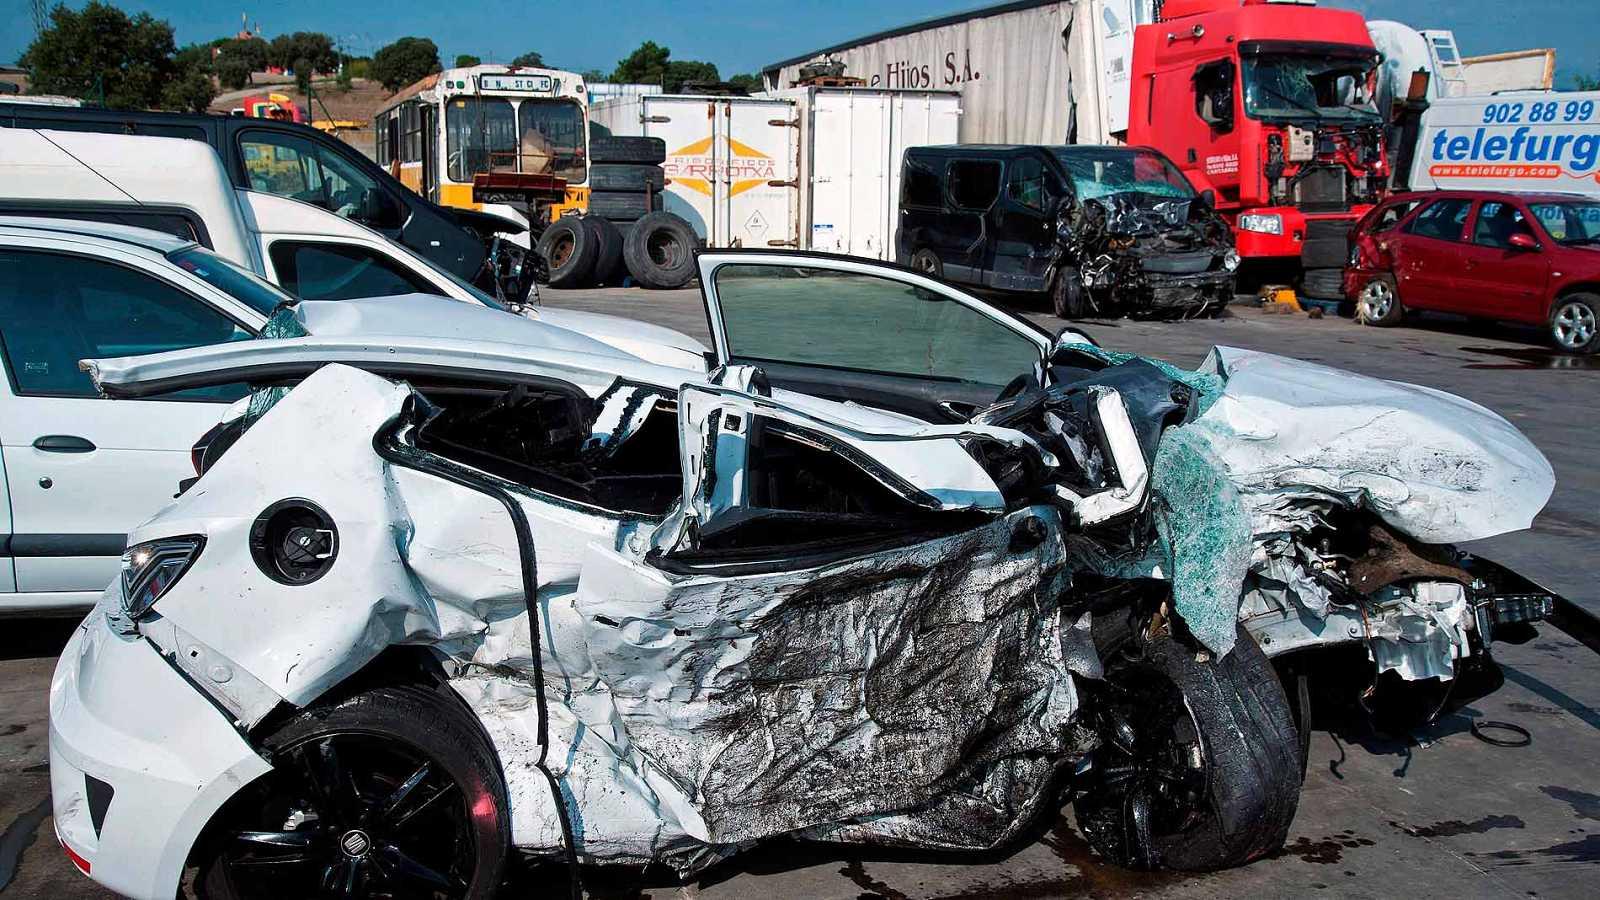 El Fiscal de Tráfico pedirá investigar si se usó el móvil antes de un accidente